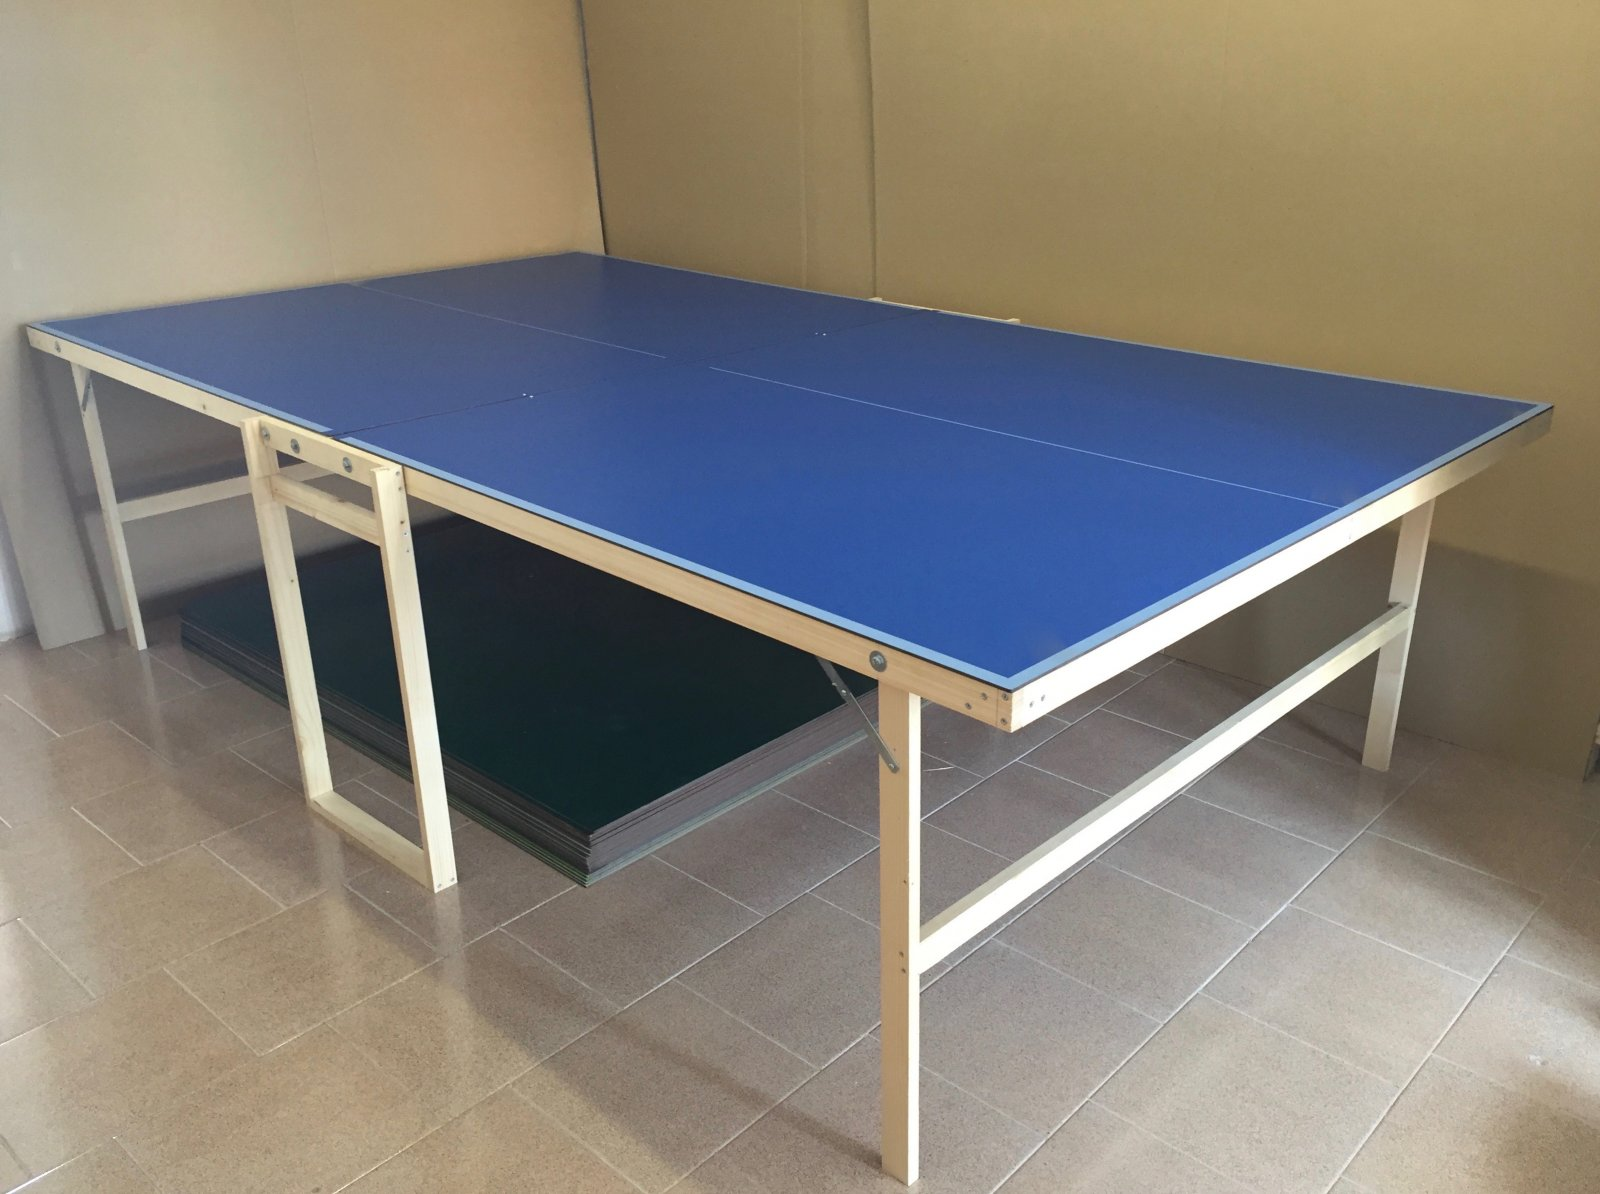 Ping pong ping pong outdoor tavolo tennis table pieghevole da esterno fai da te ebay - Tavolo ping pong misure regolamentari ...